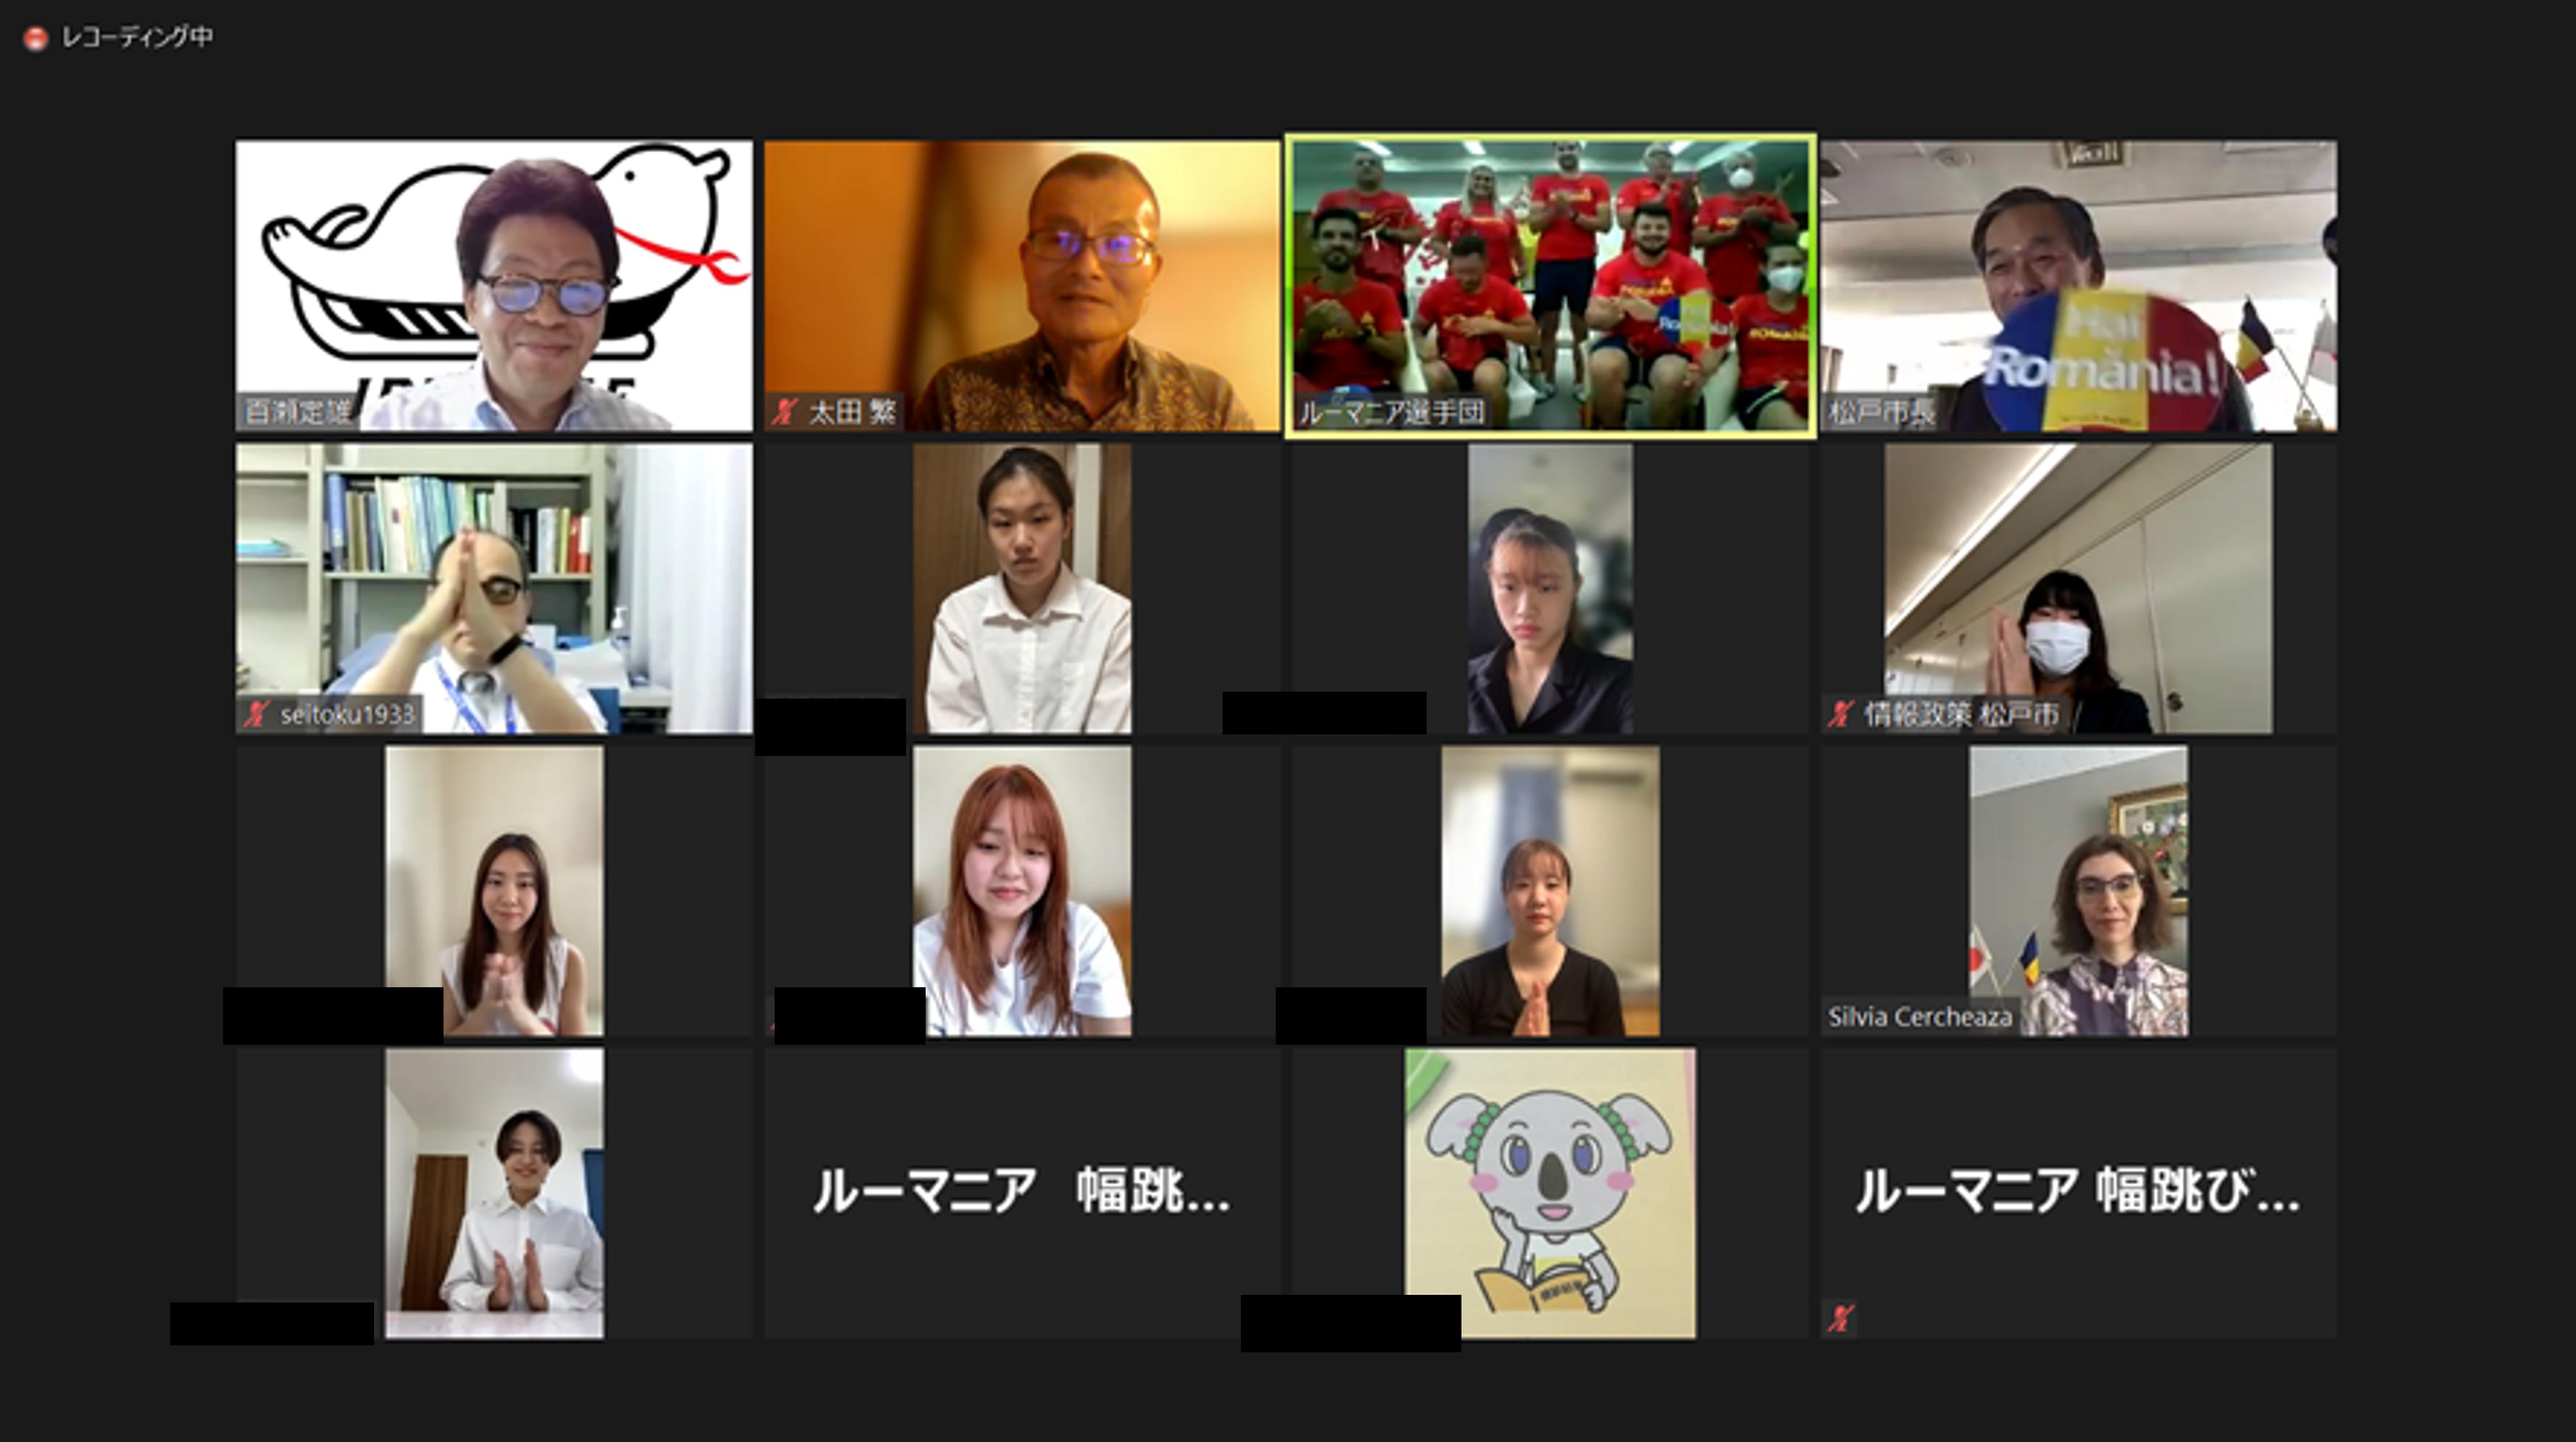 スポ健の学生が東京五輪・ルーマニア選手団とオンライン交流 !